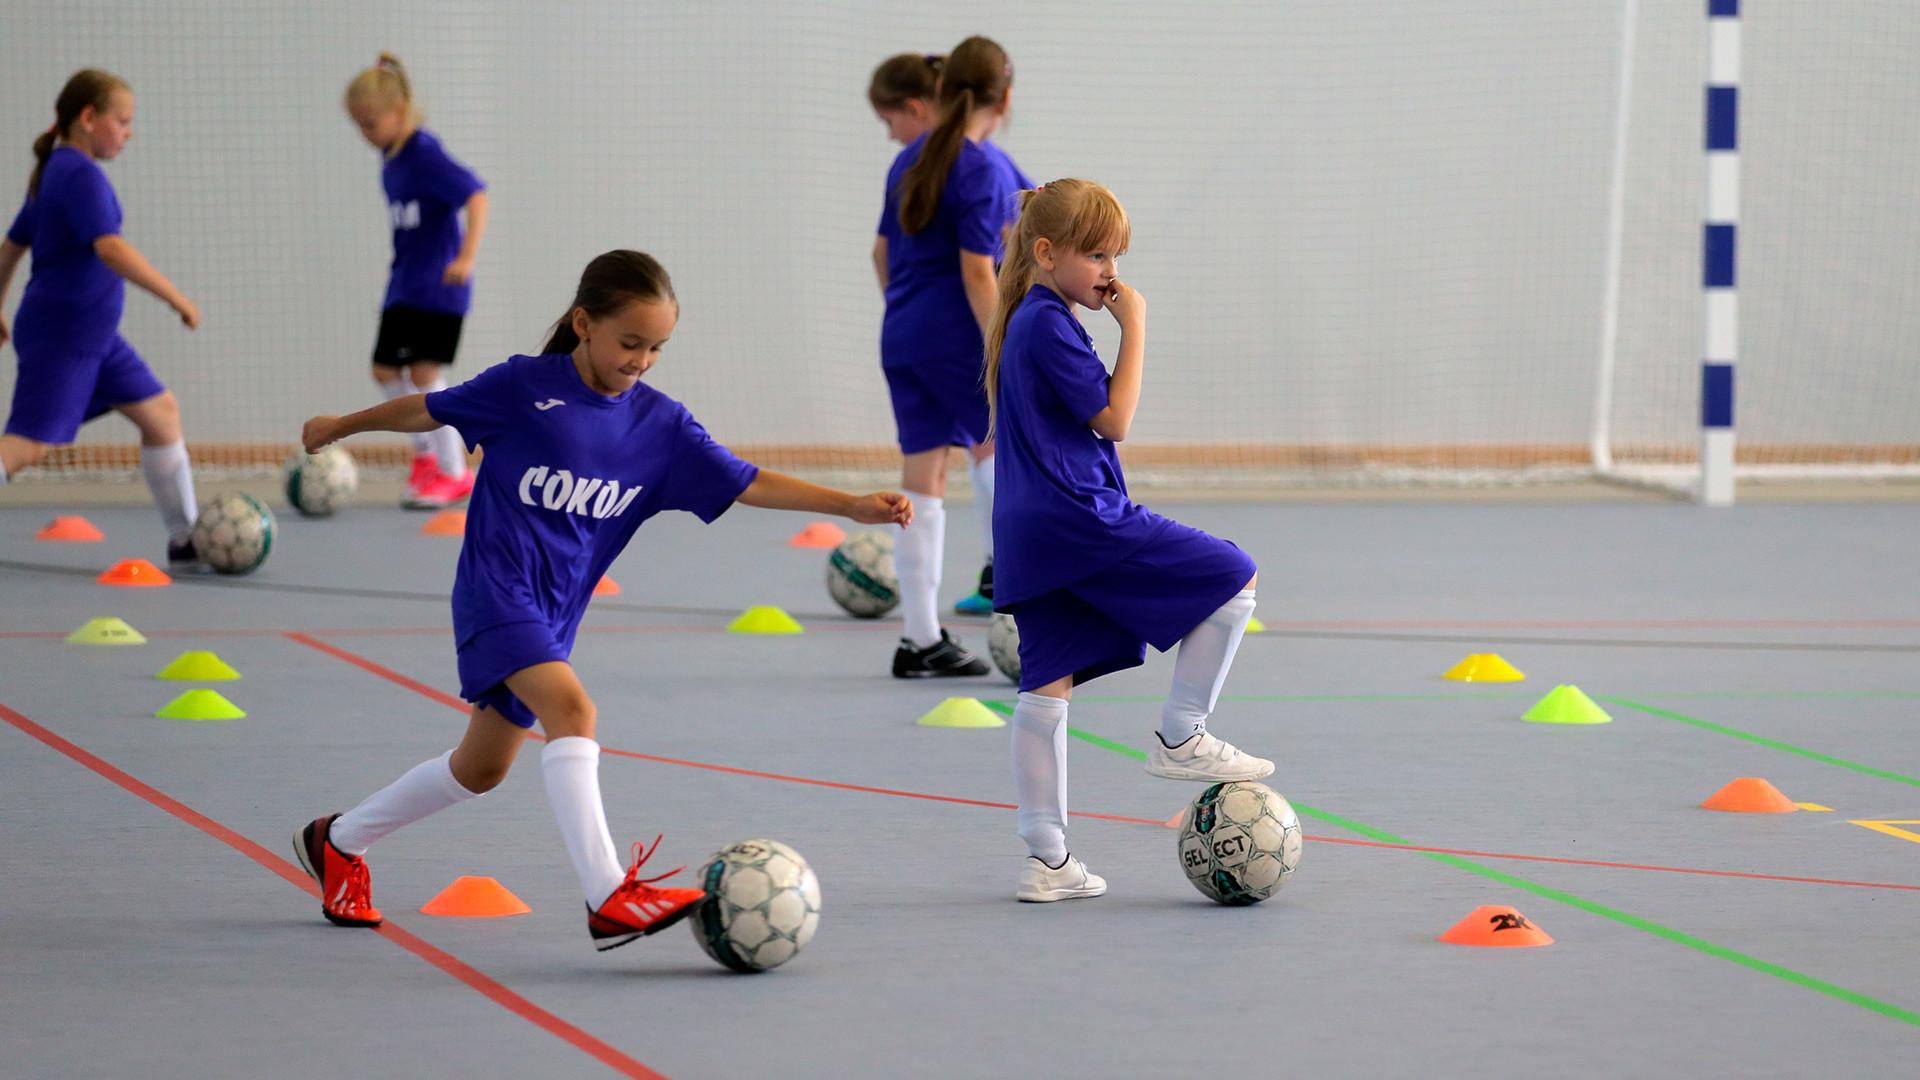 Garotas em treinamento na Escola Esportiva de Reserva Olímpica Sokol N° 27, do Departamento de Moscou de Esportes e Turismo.